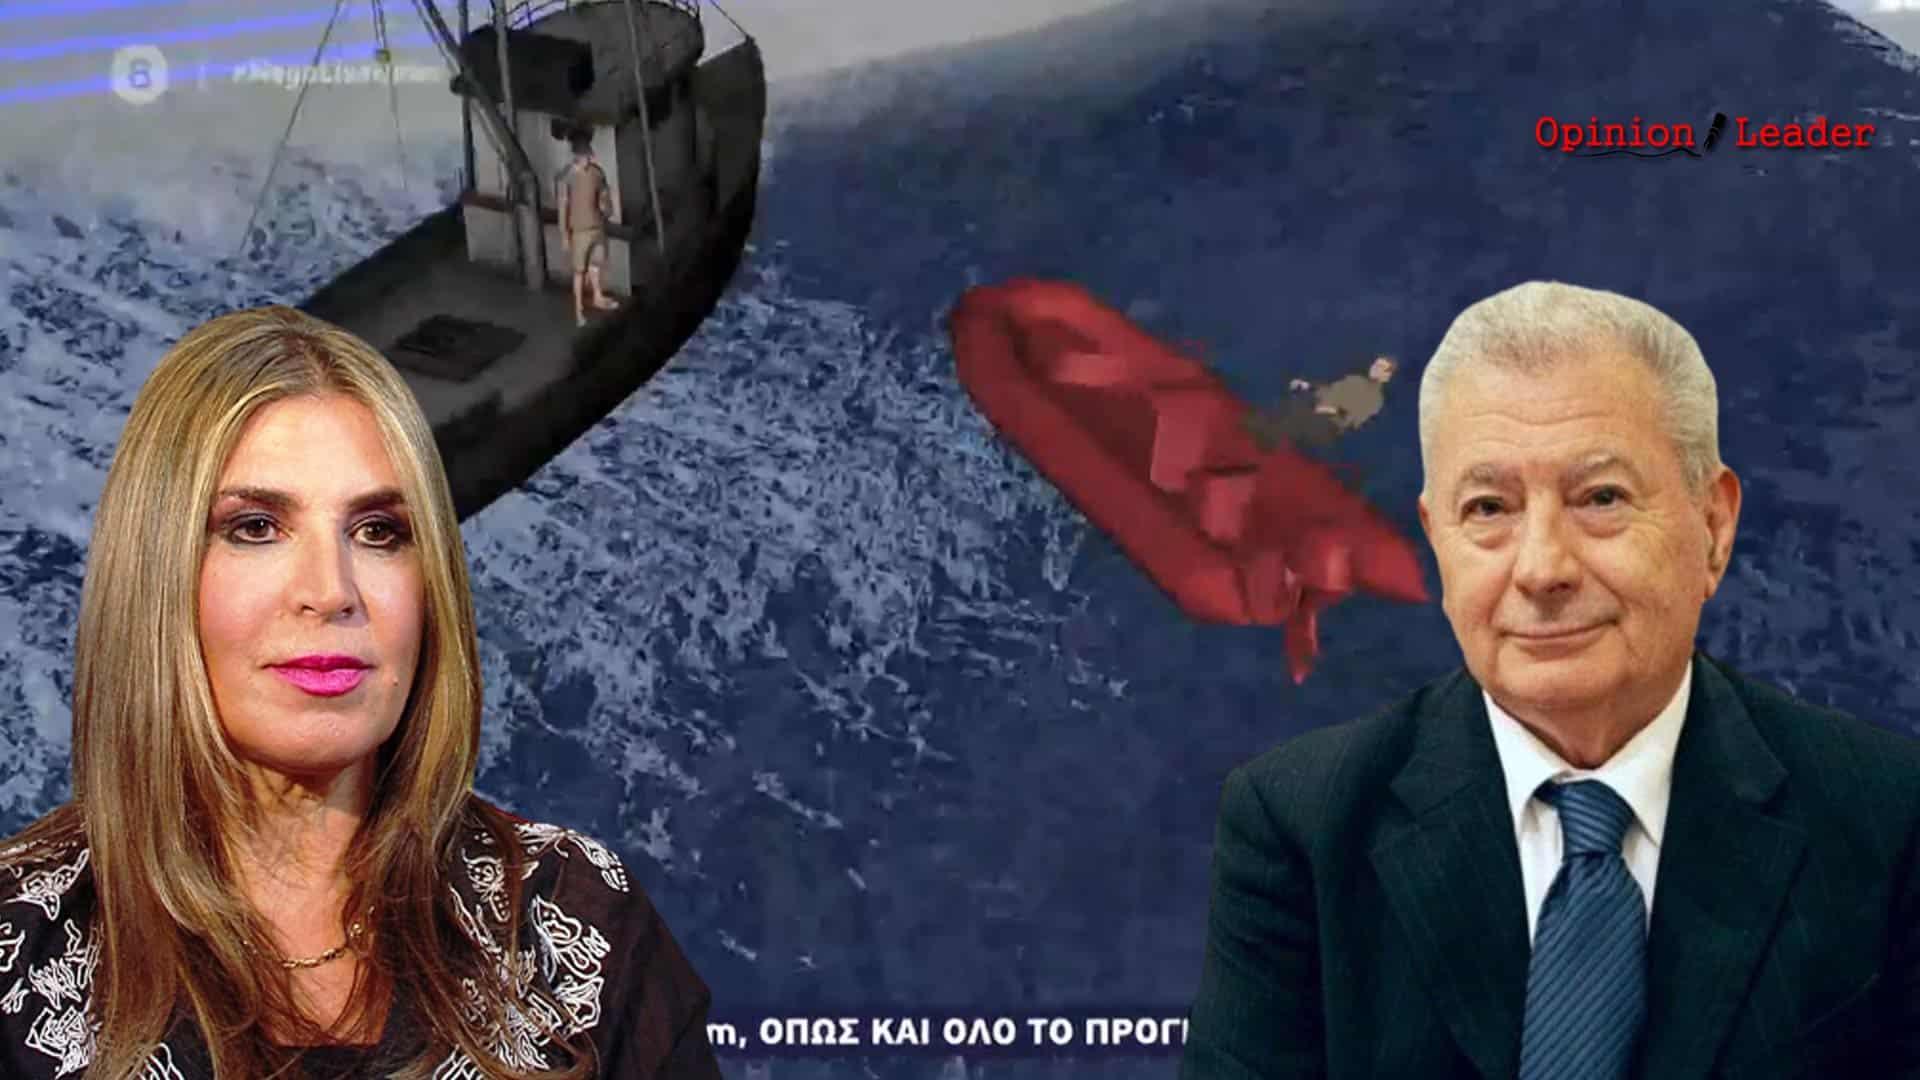 Μίνα Παπαθεοδώρου - Βαλυράκη - Σήφης Βαλυράκης